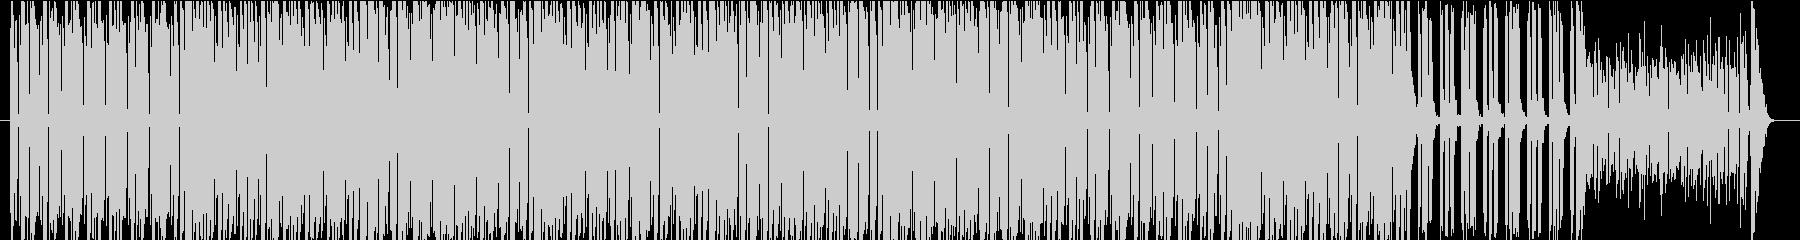 軽快でポップなテクノ楽曲 No.3の未再生の波形